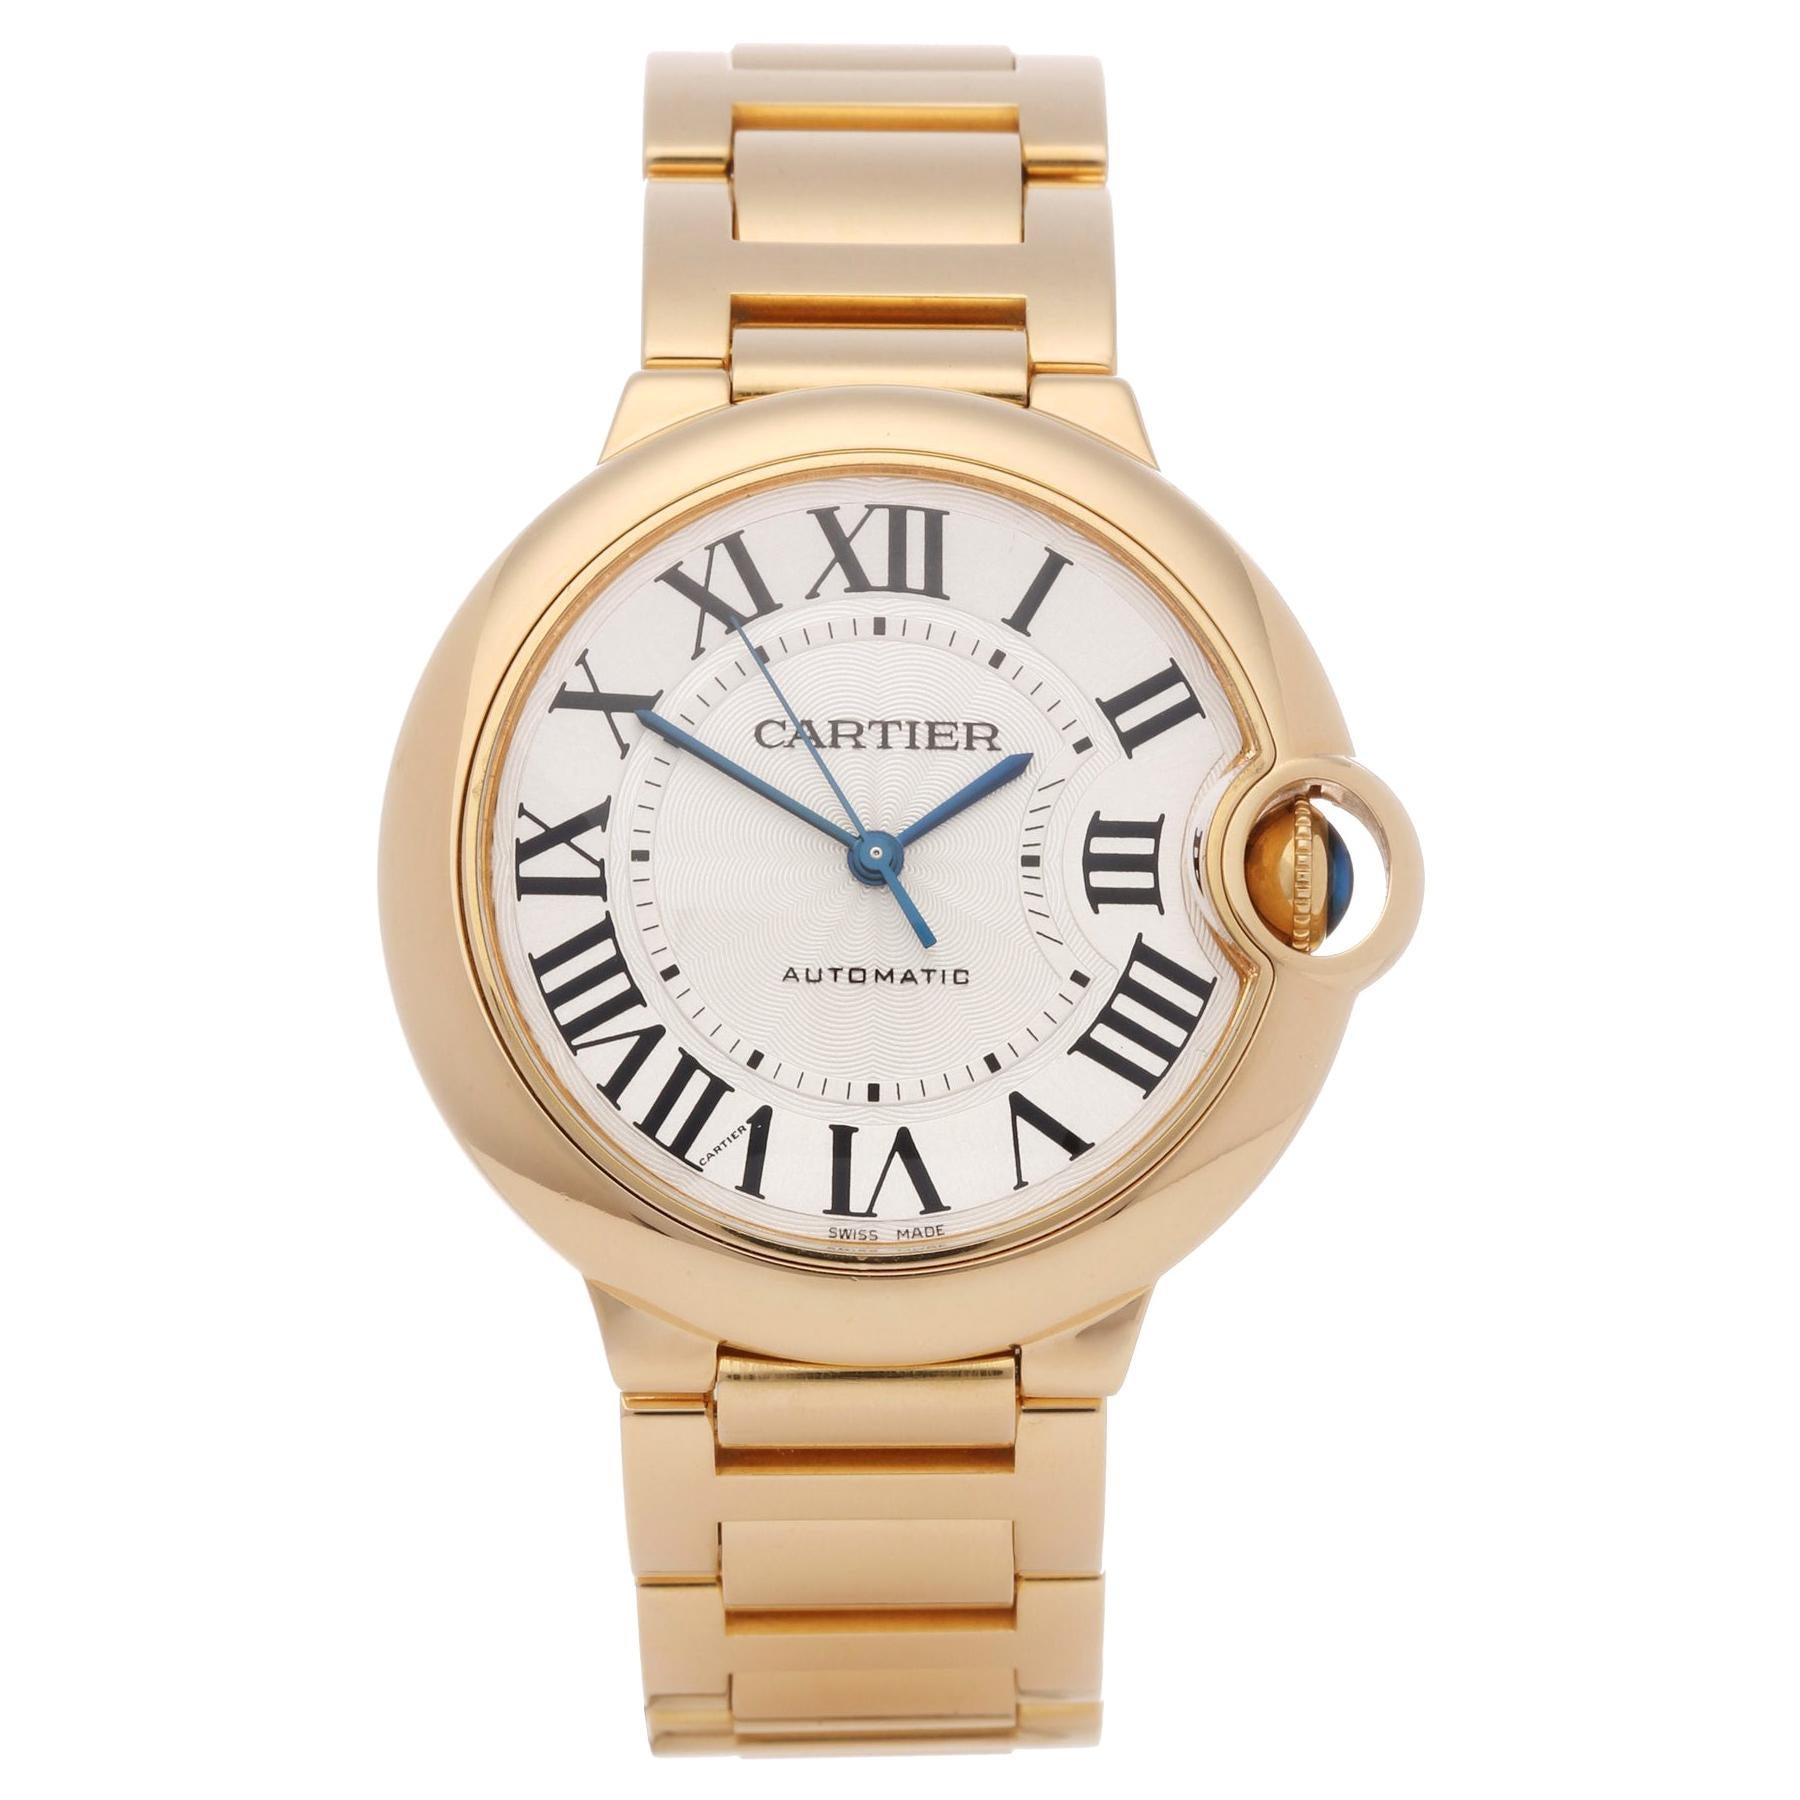 Cartier Ballon Bleu 3002 Unisex Yellow Gold Watch